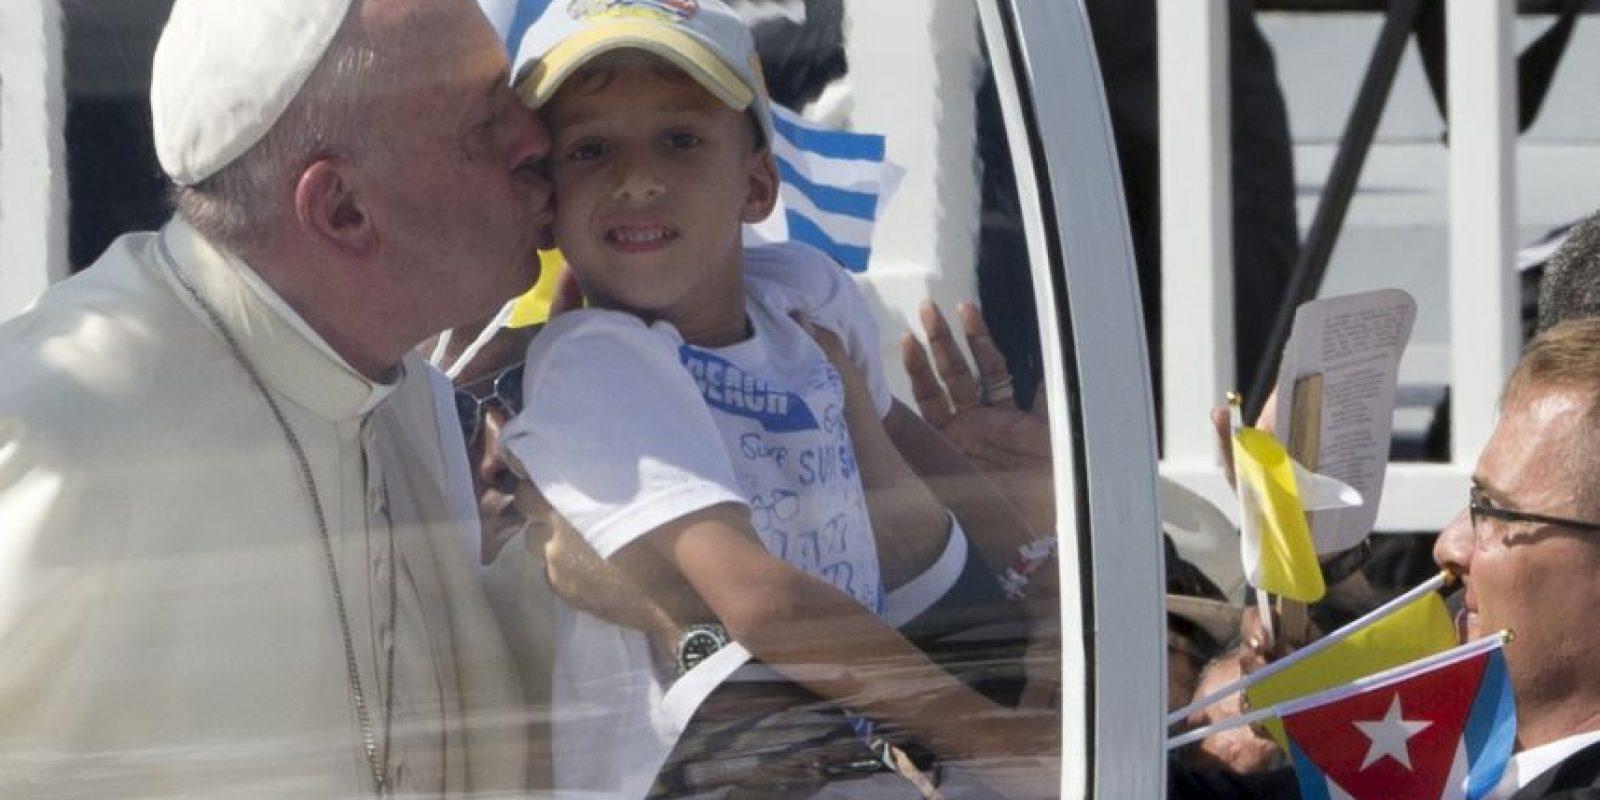 Este se expresó a favor del deshielo de las relaciones entre Cuba y Estados Unidos. Foto:AP